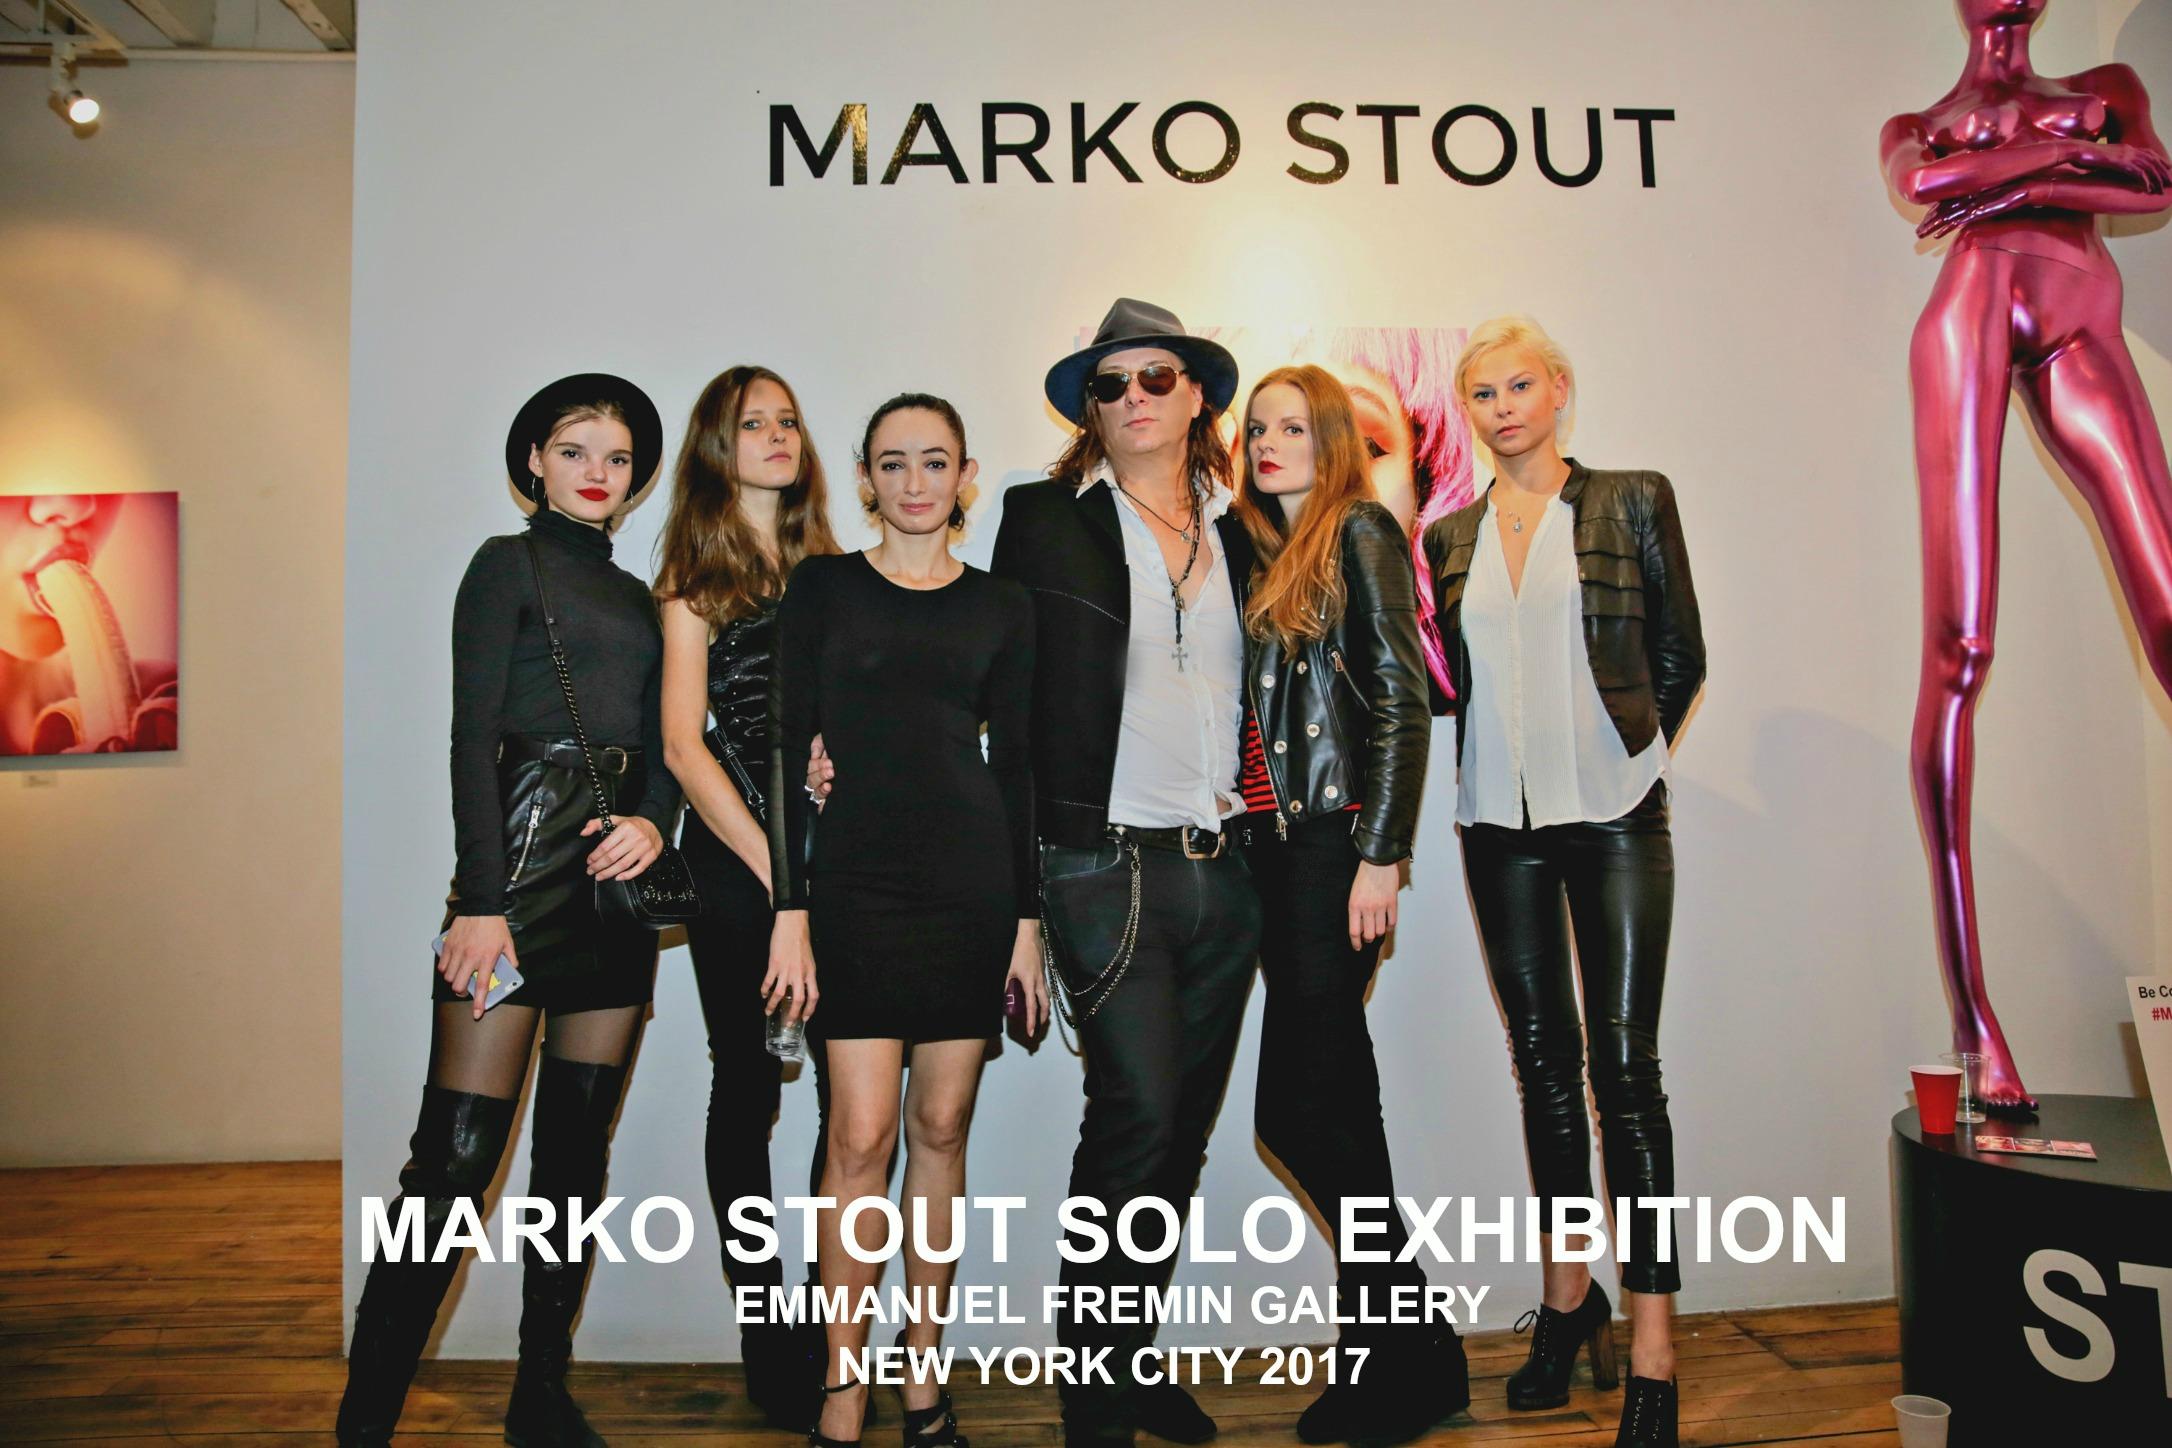 marko_stout_emmanuel_fremin_gallery